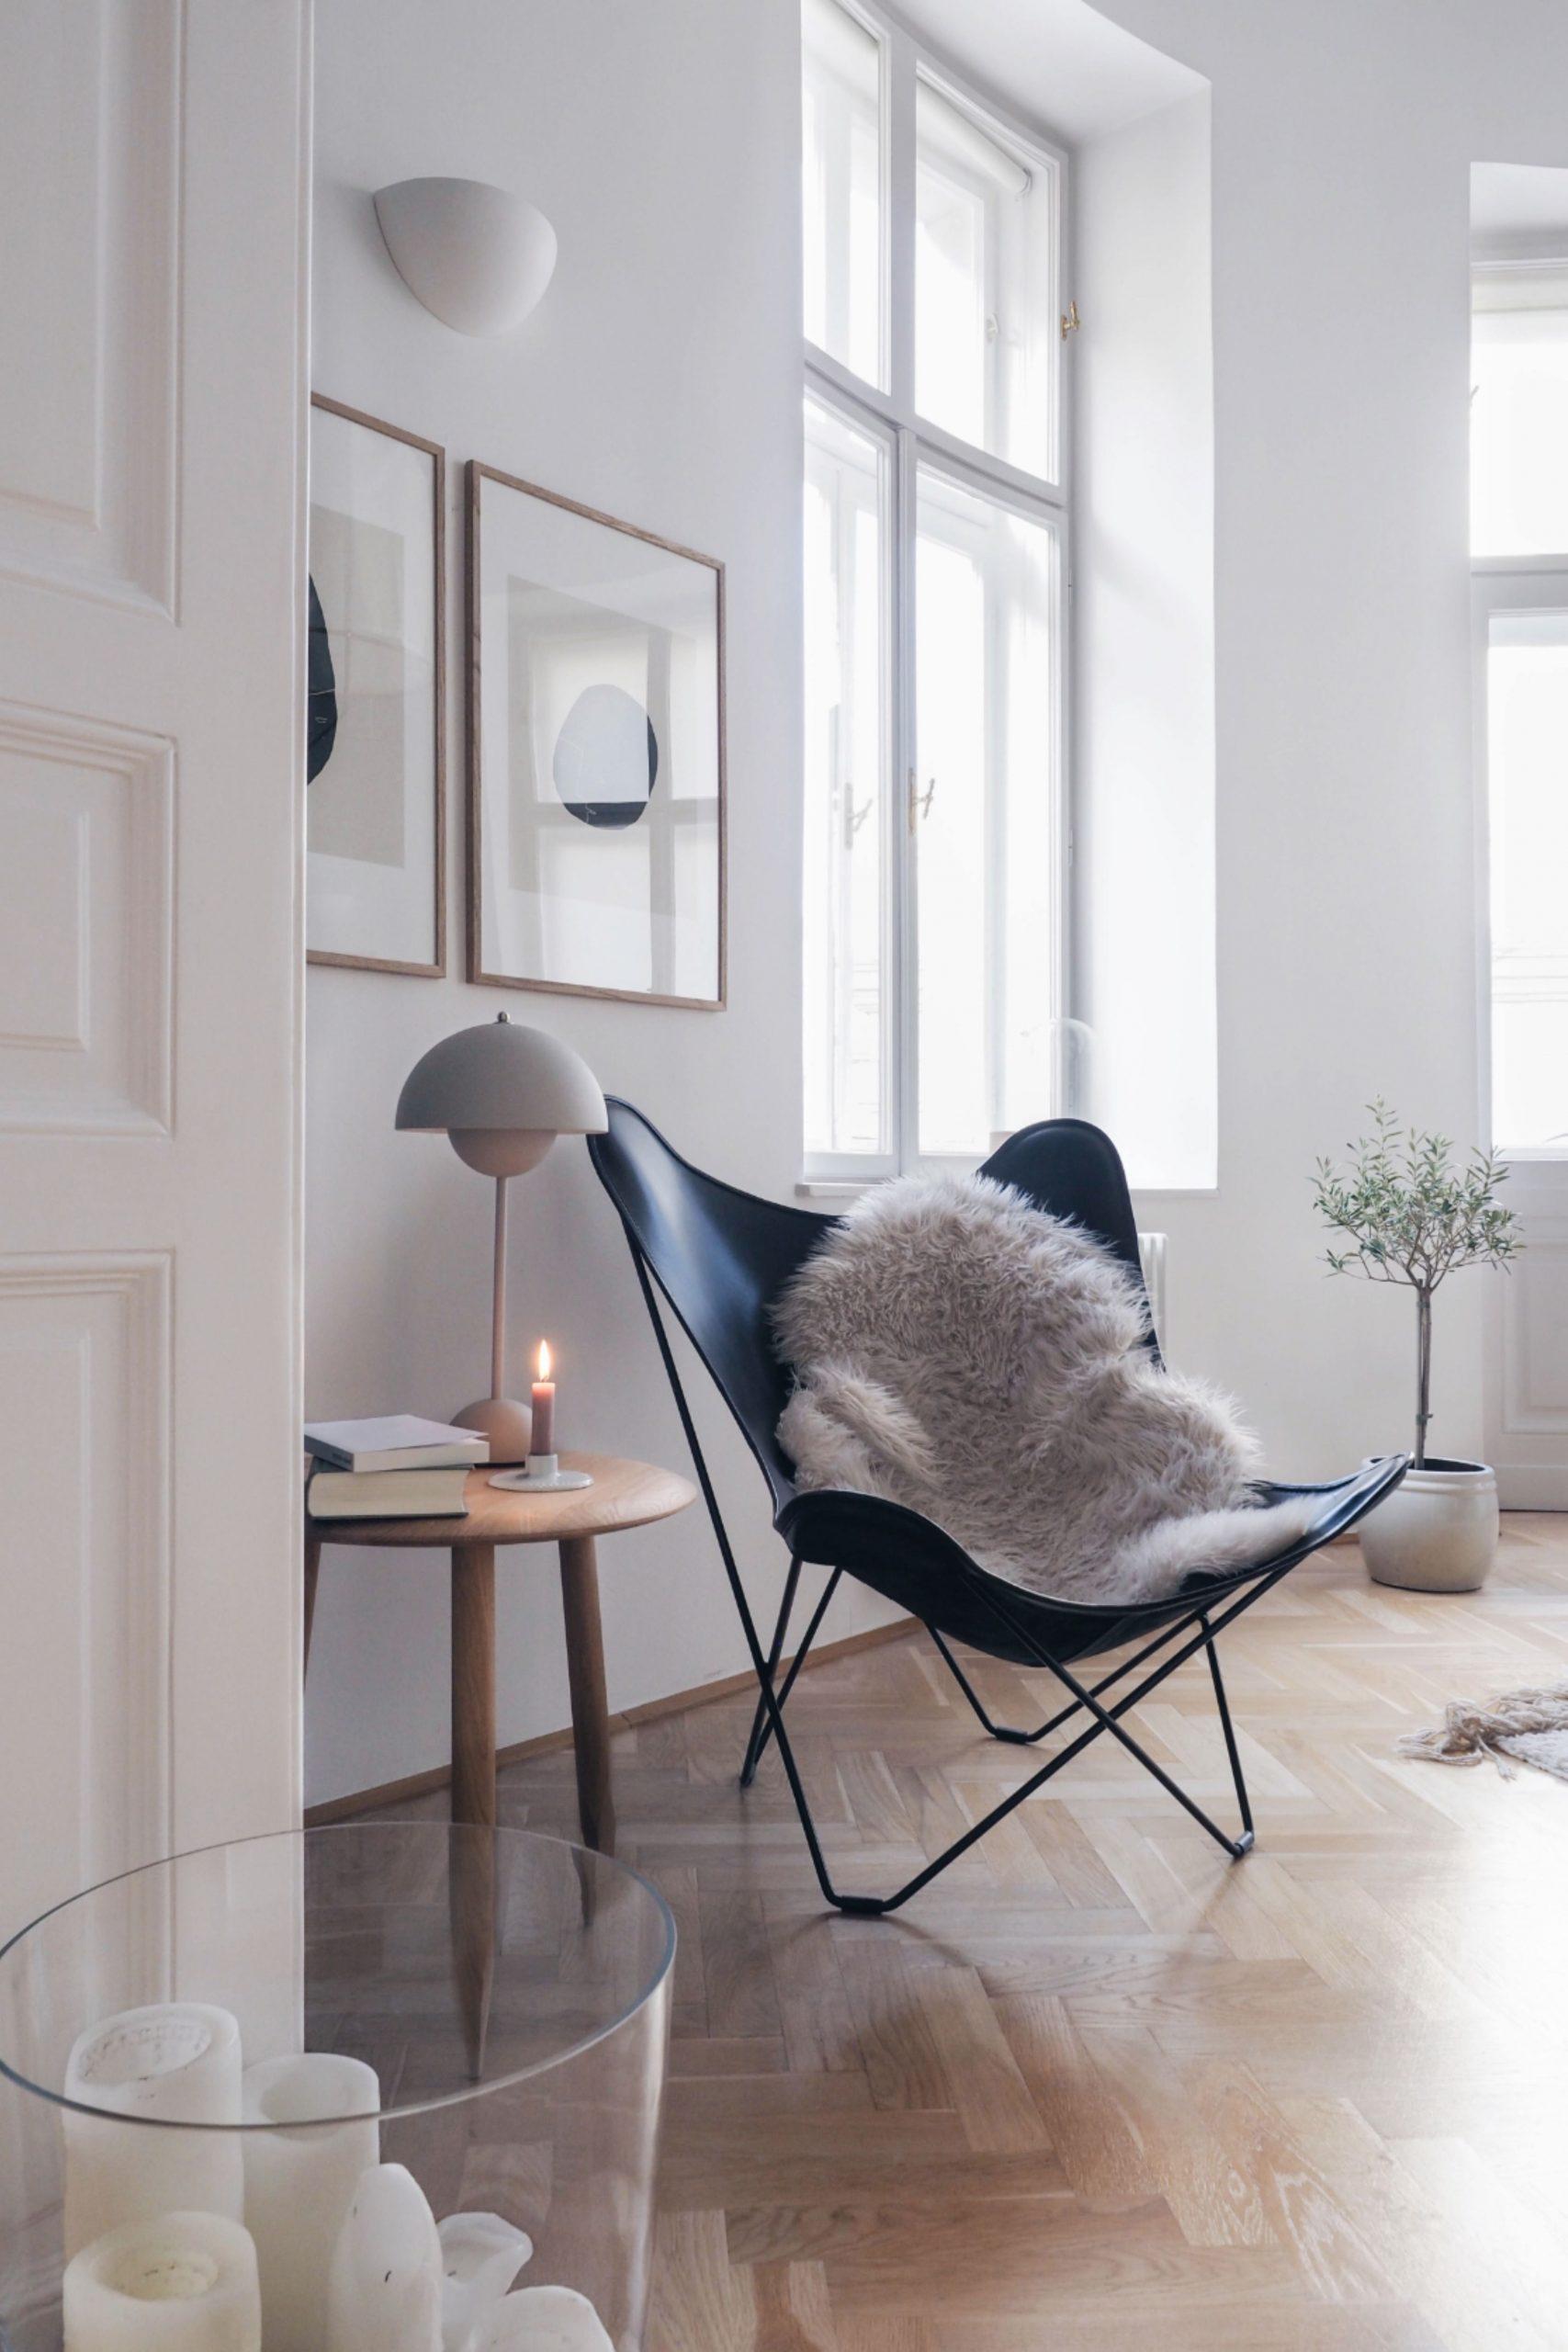 Wohnzimmer Ideen: Tischlampe von &tradition :  Wohnzimmerliebe: Ein neuer Beiste…